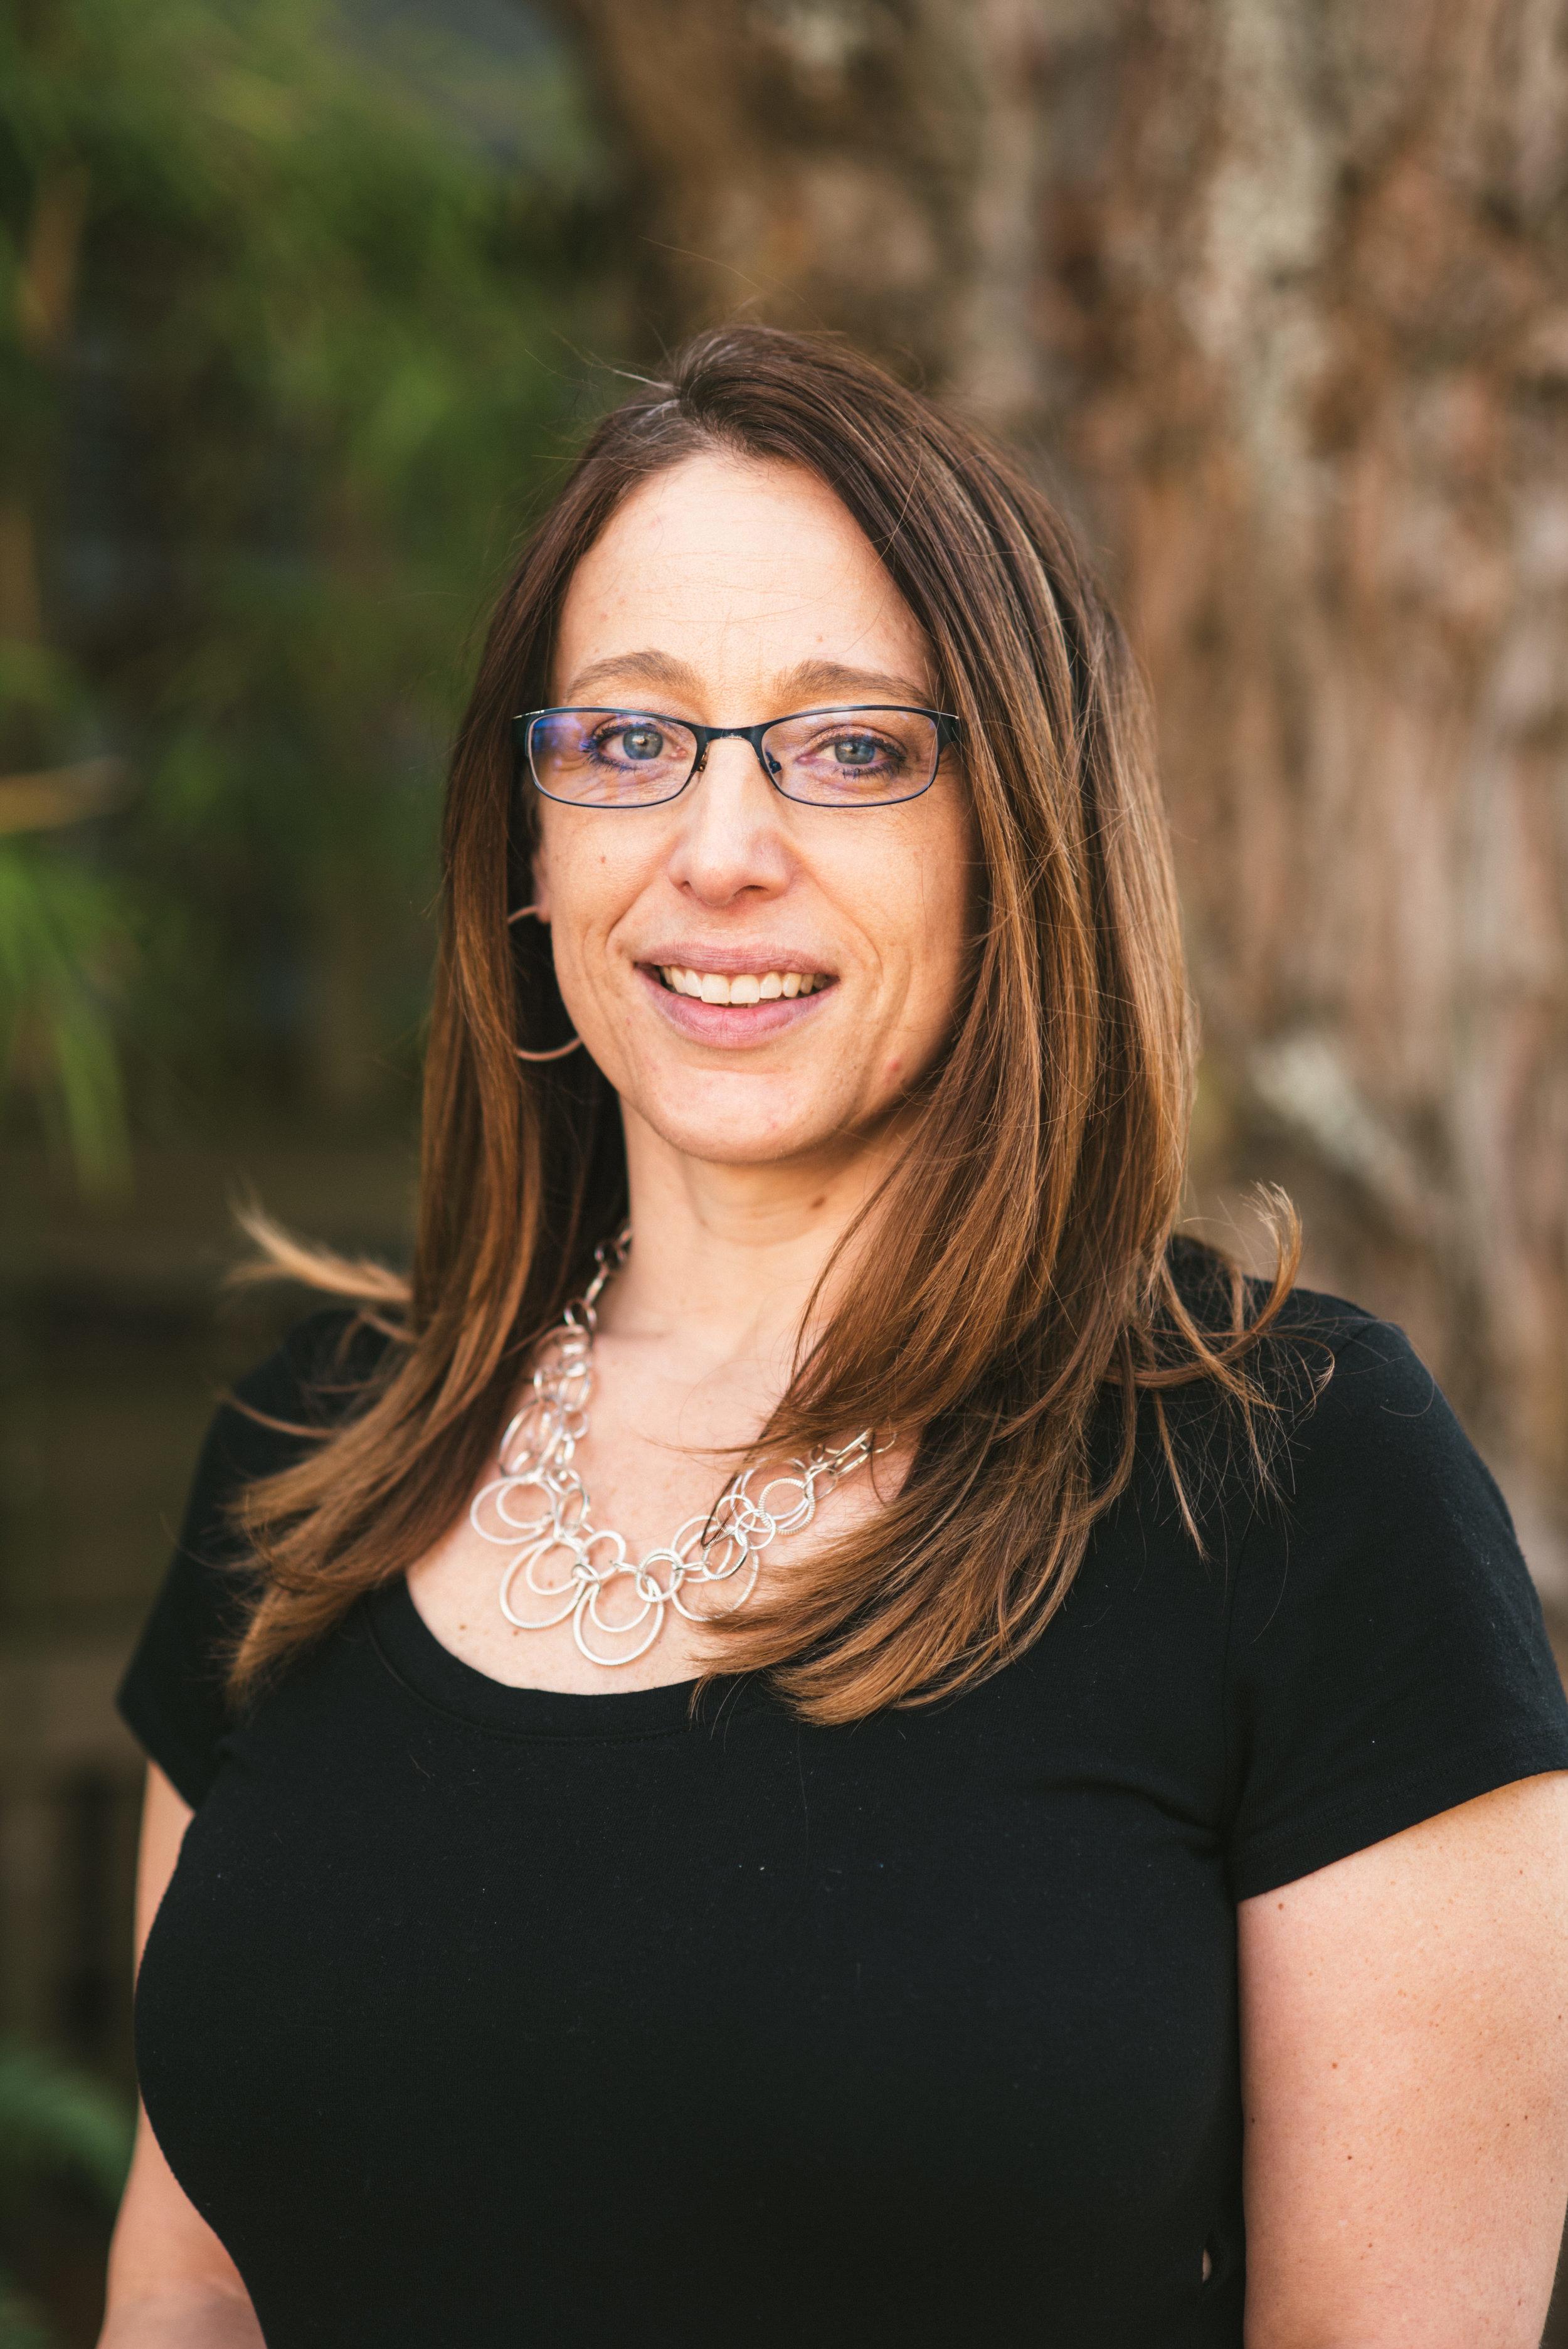 Teri McDermott, Owner/Operations Manager